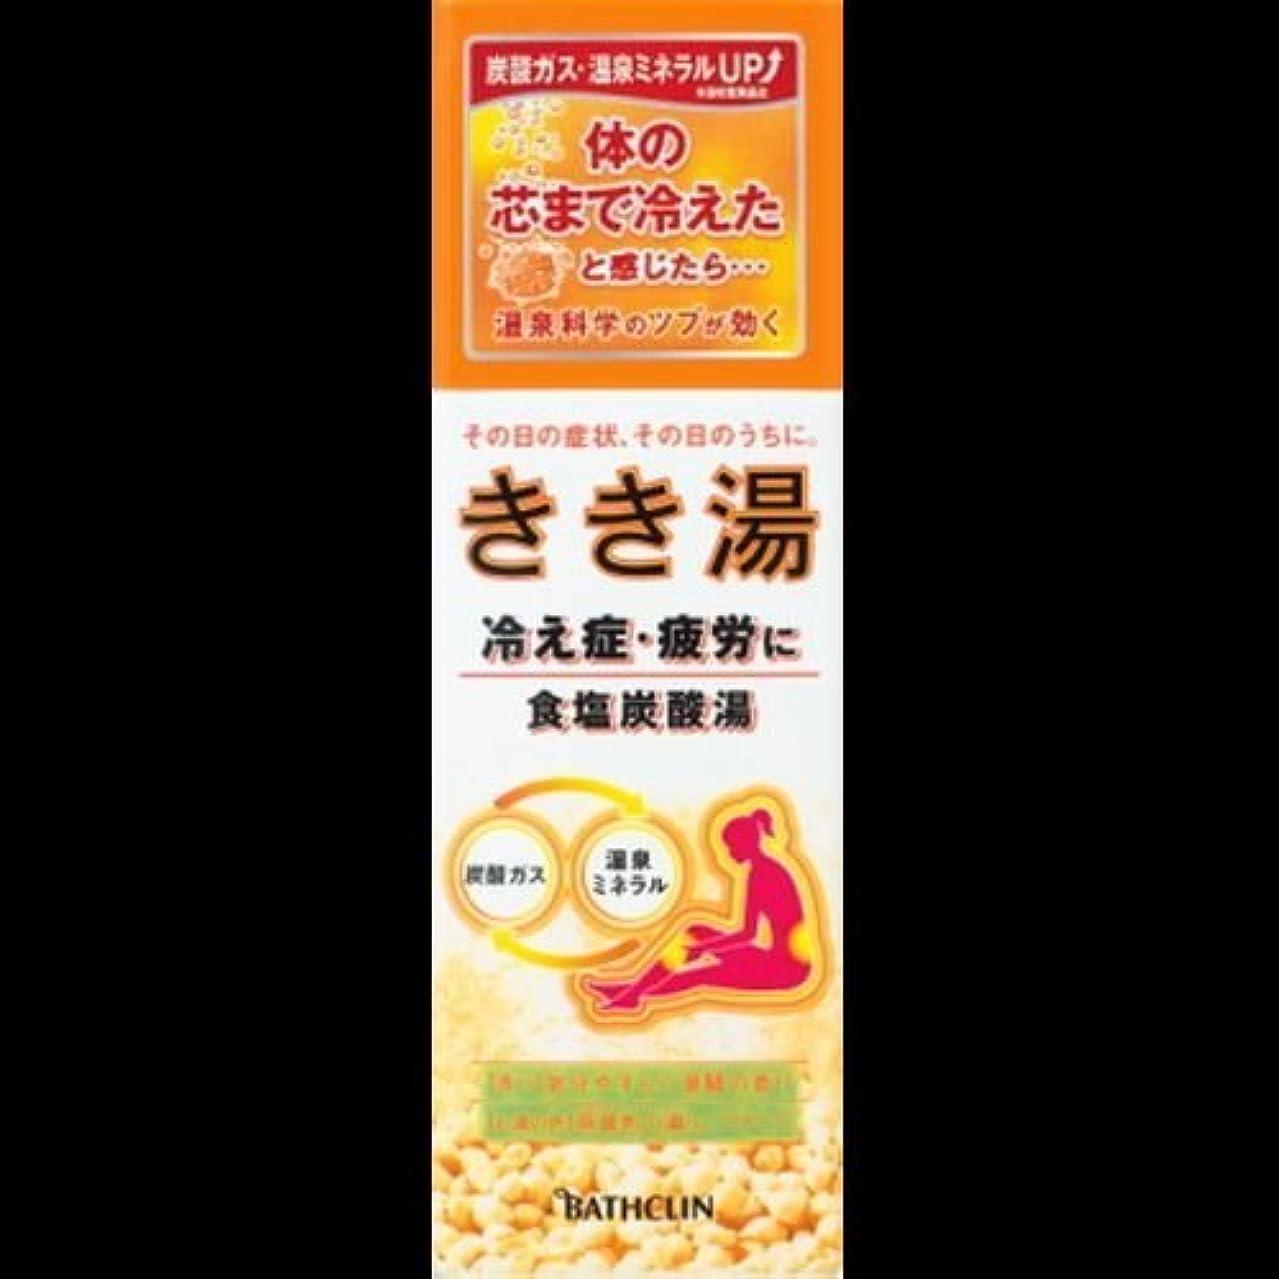 ご飯枝曲線【まとめ買い】きき湯 食塩炭酸湯 気分やすらぐ潮騒の香り萌黄色の湯(にごりタイプ) 360g ×2セット